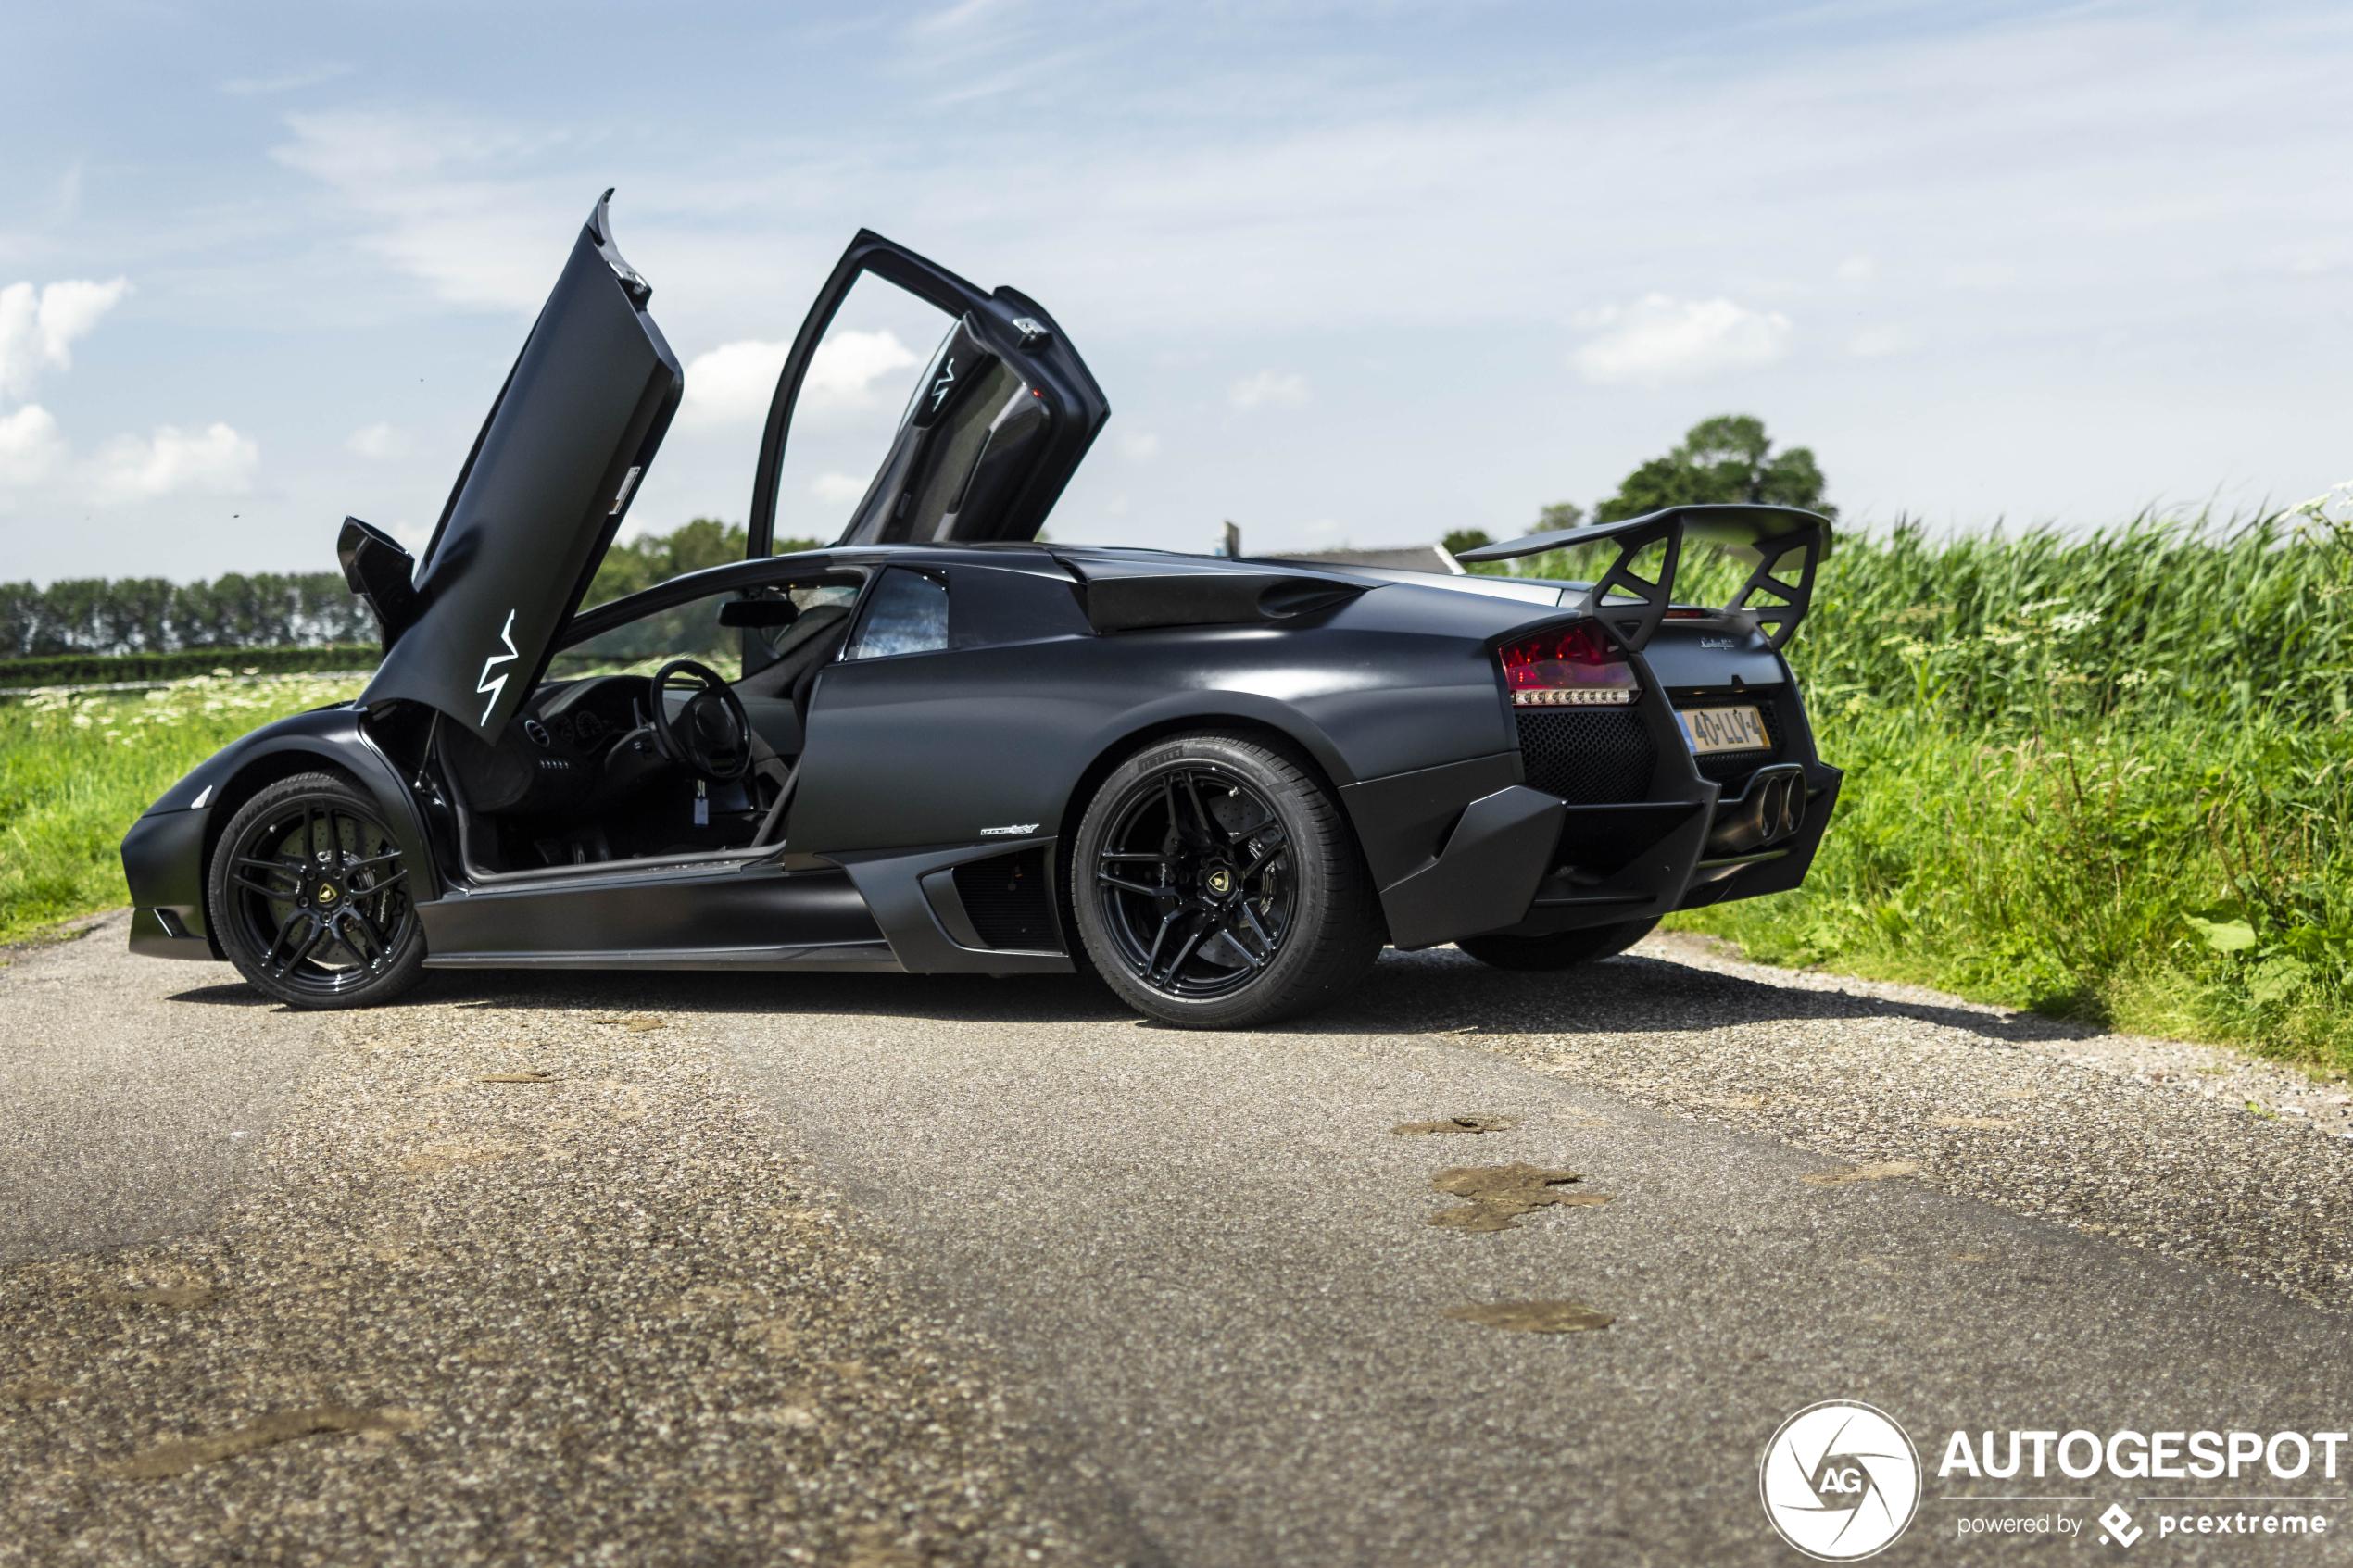 Hoezee! Deze Lamborghini is weer origineel!